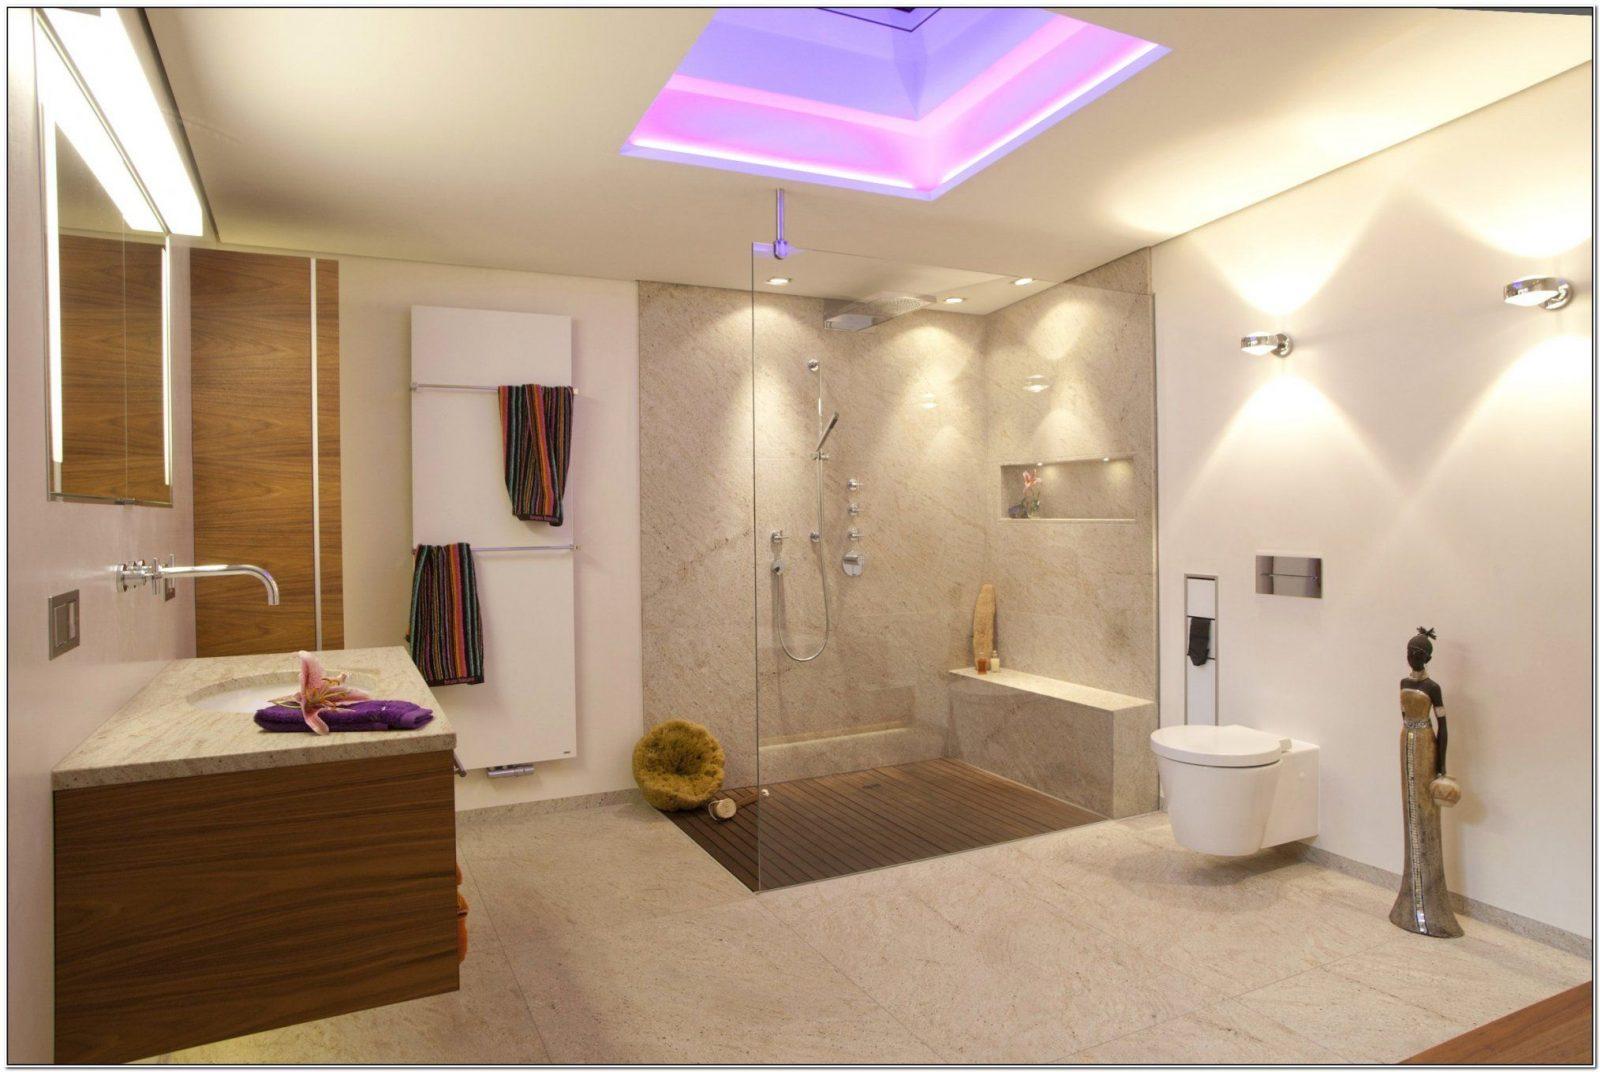 Fabelhafte Kleines Bad Mit Dusche Gestalten Kleines Bad Einrichten von Kleines Bad Einrichten Ideen Bild